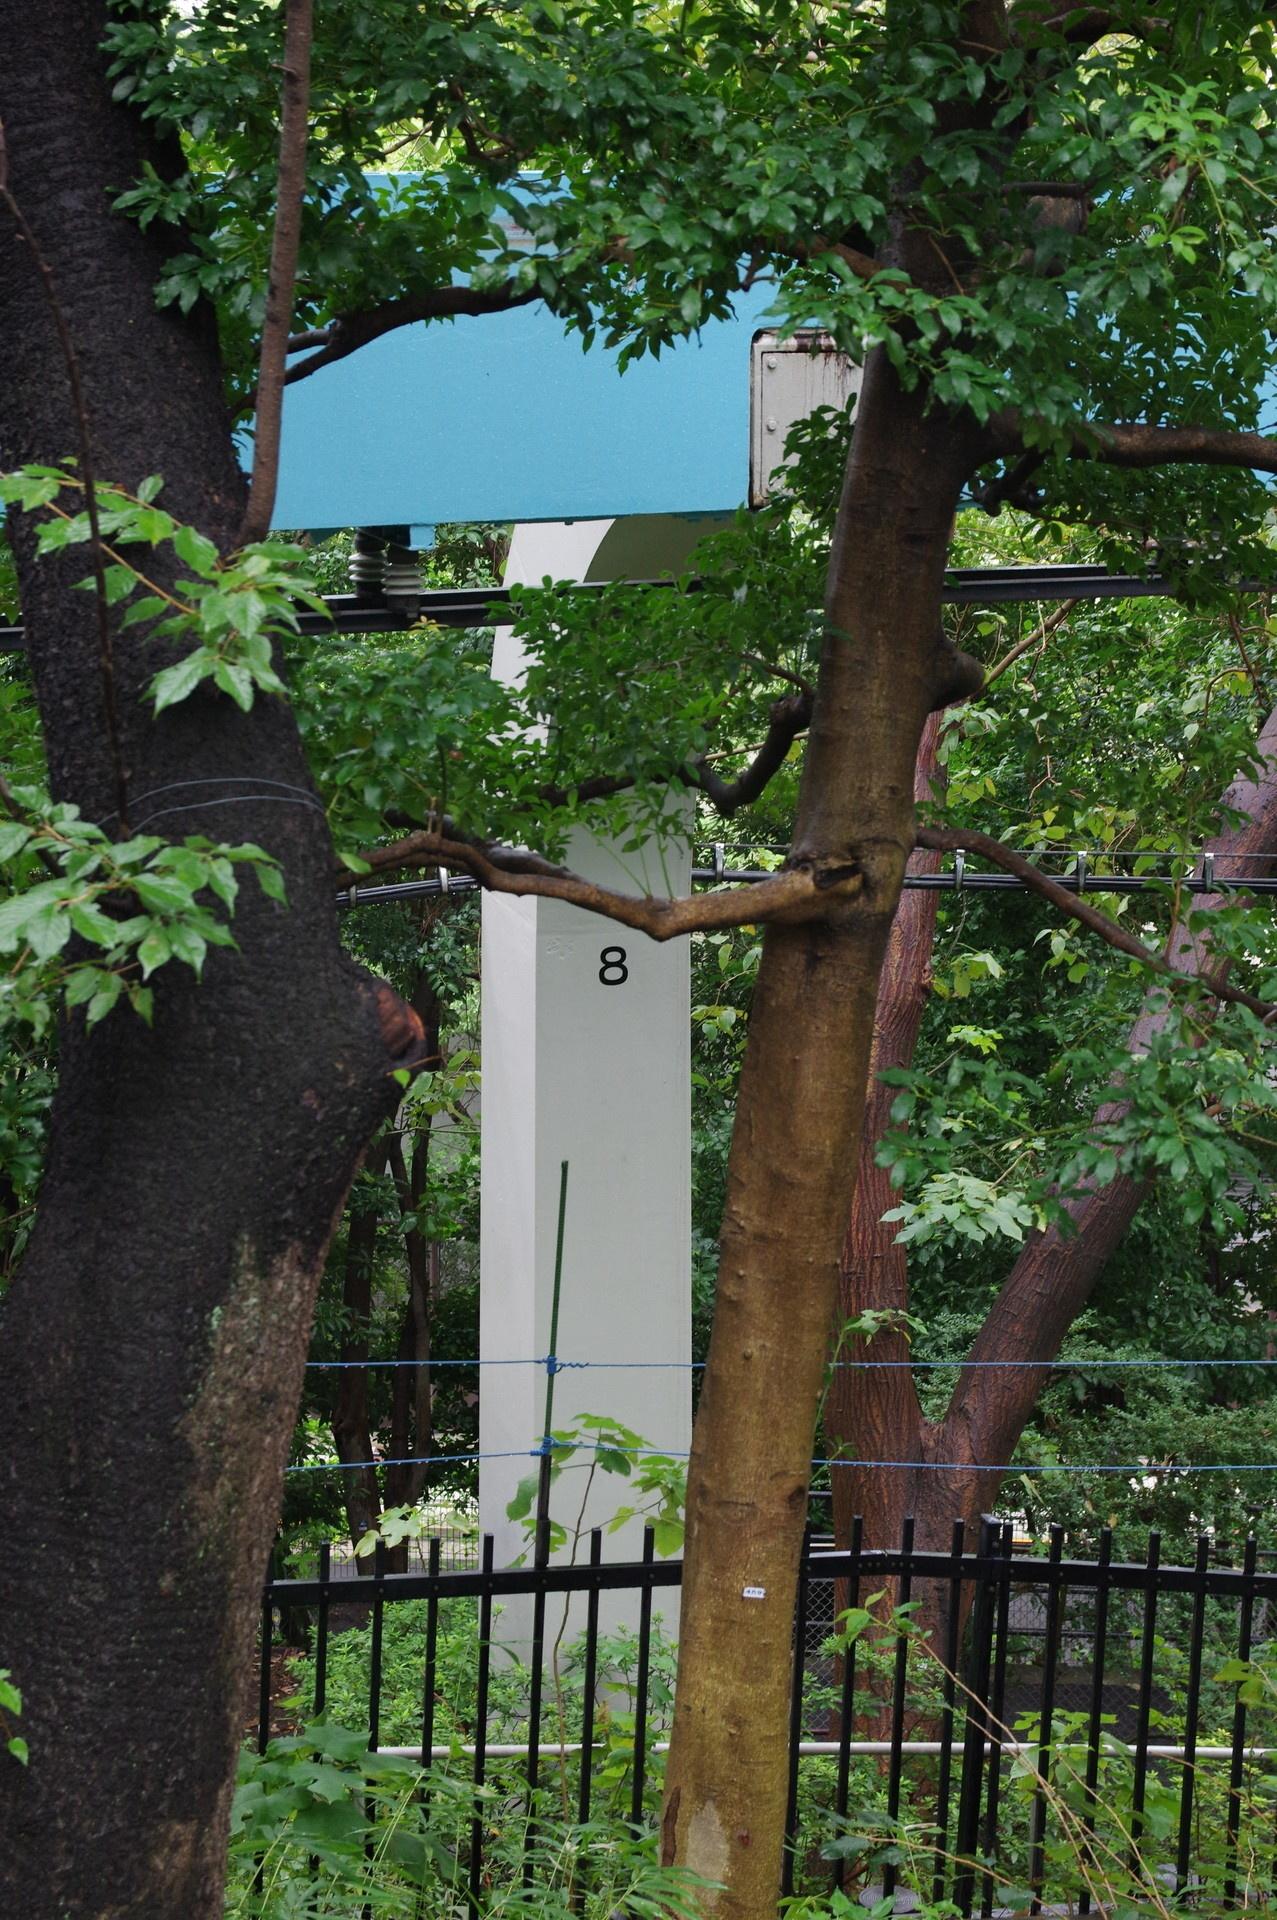 木々の間から辛うじて見える8番橋脚